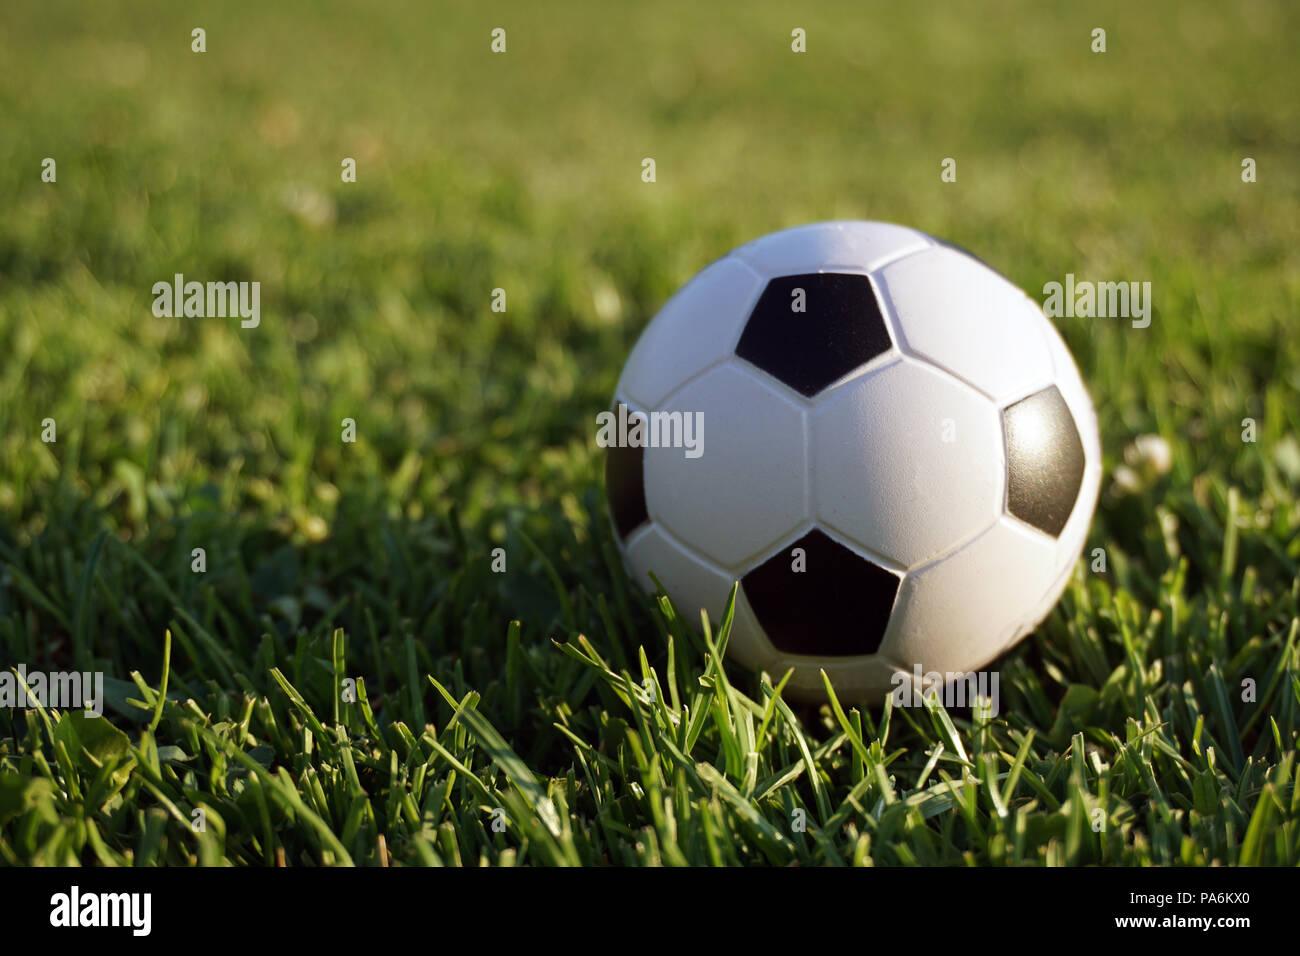 mini football at sports field Stock Photo